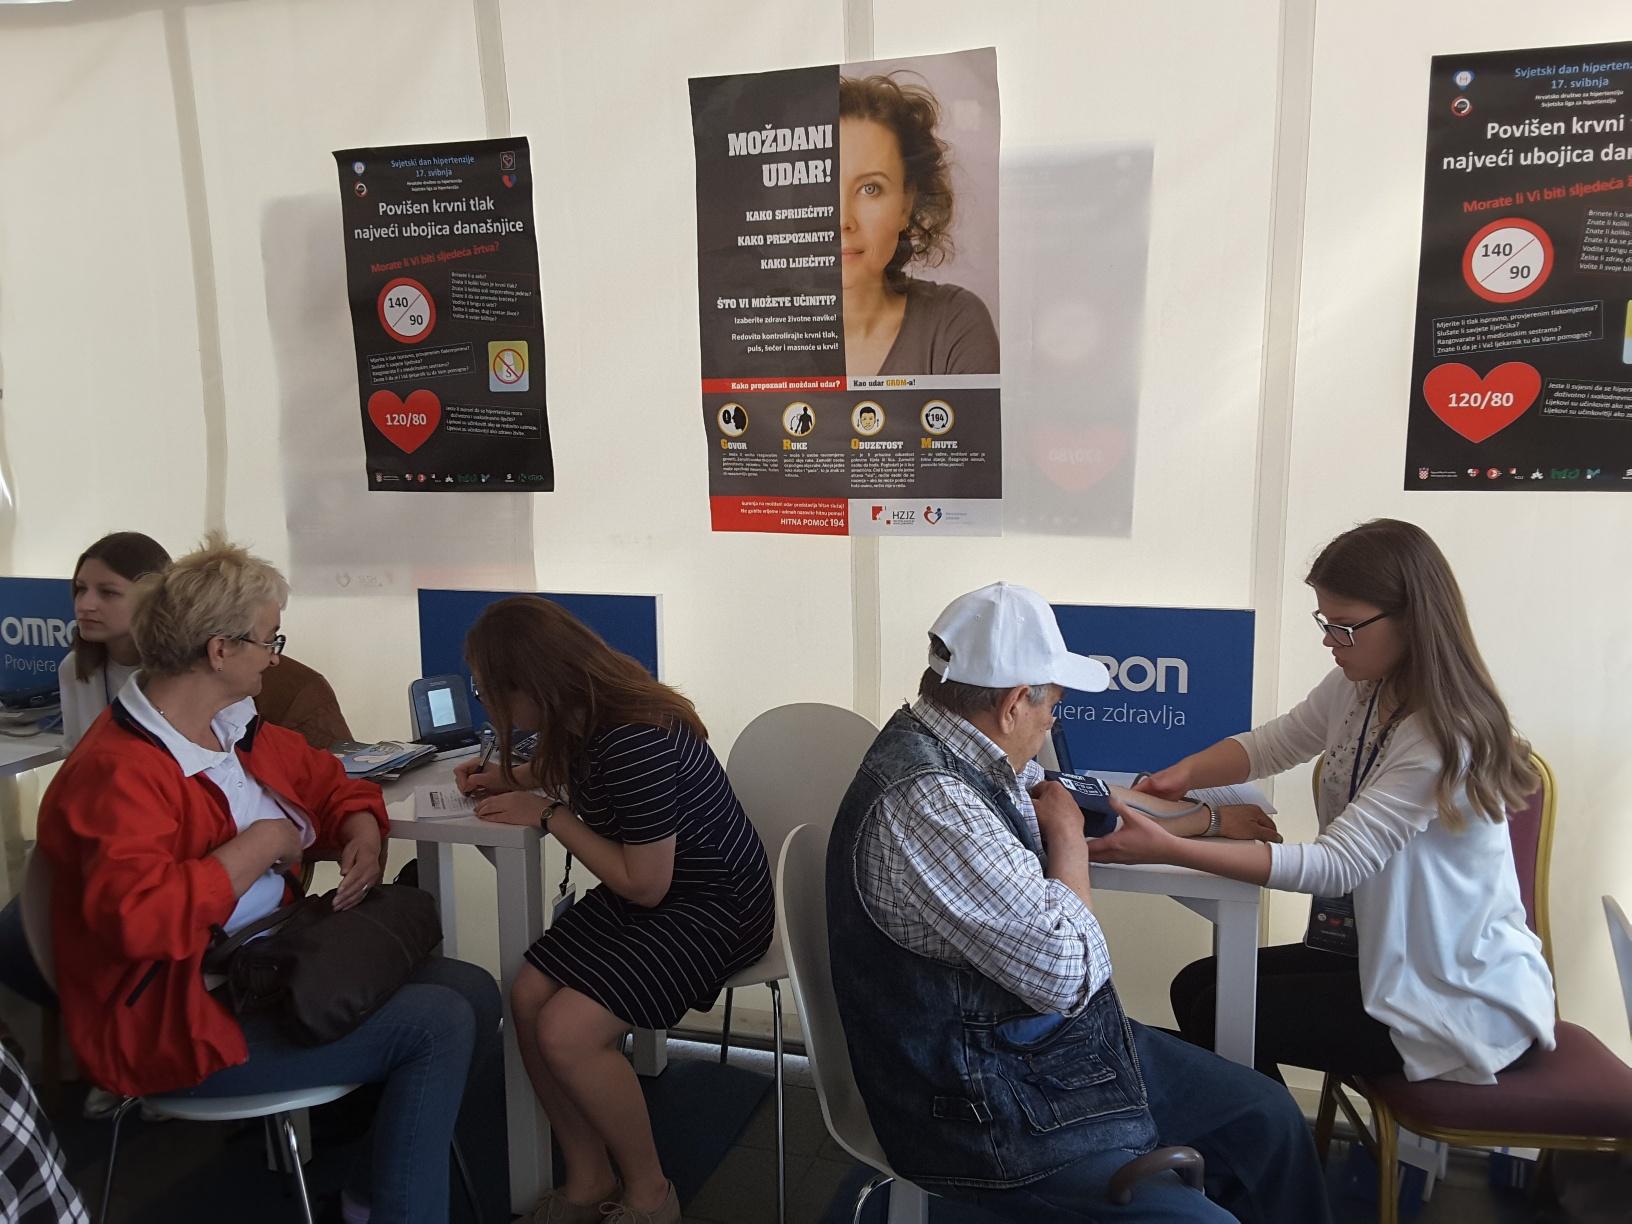 forum osoba s invaliditetom u hipertenziji)